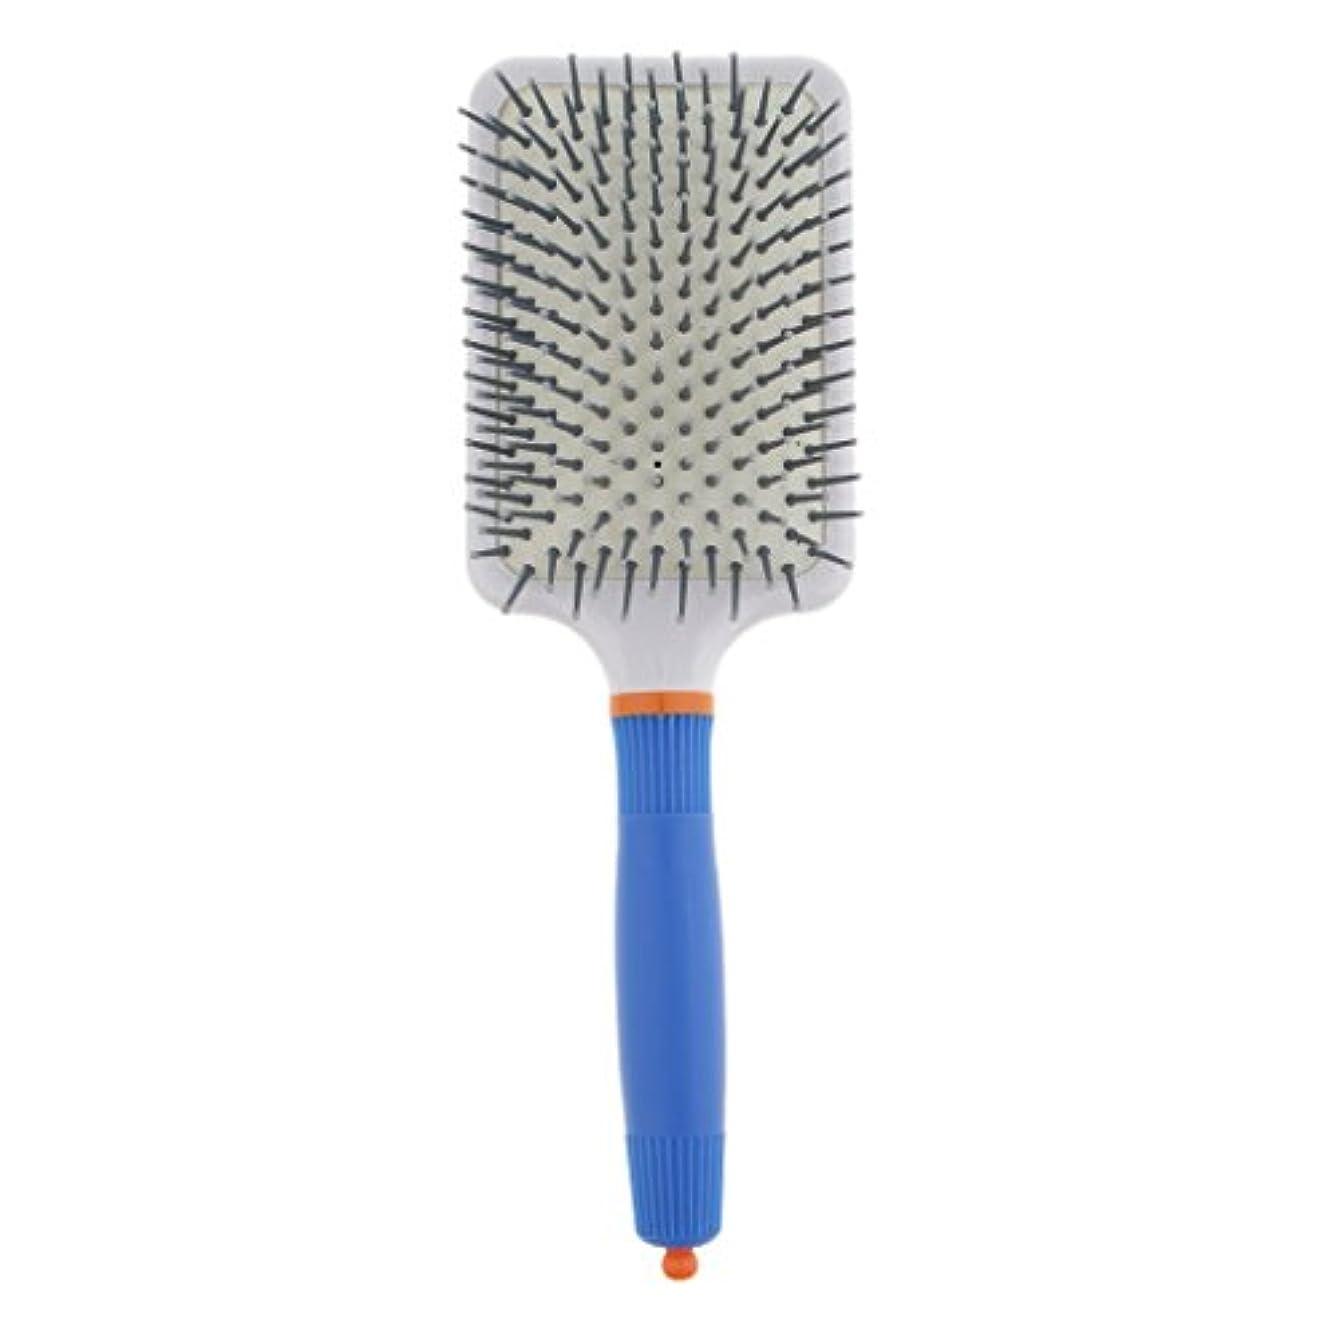 熟達申し立てる南西プラスチック製 ブラシ 頭皮マッサージブラシ フラットヘアブラシ 櫛 静電気防止 全2色 - ダークブルー